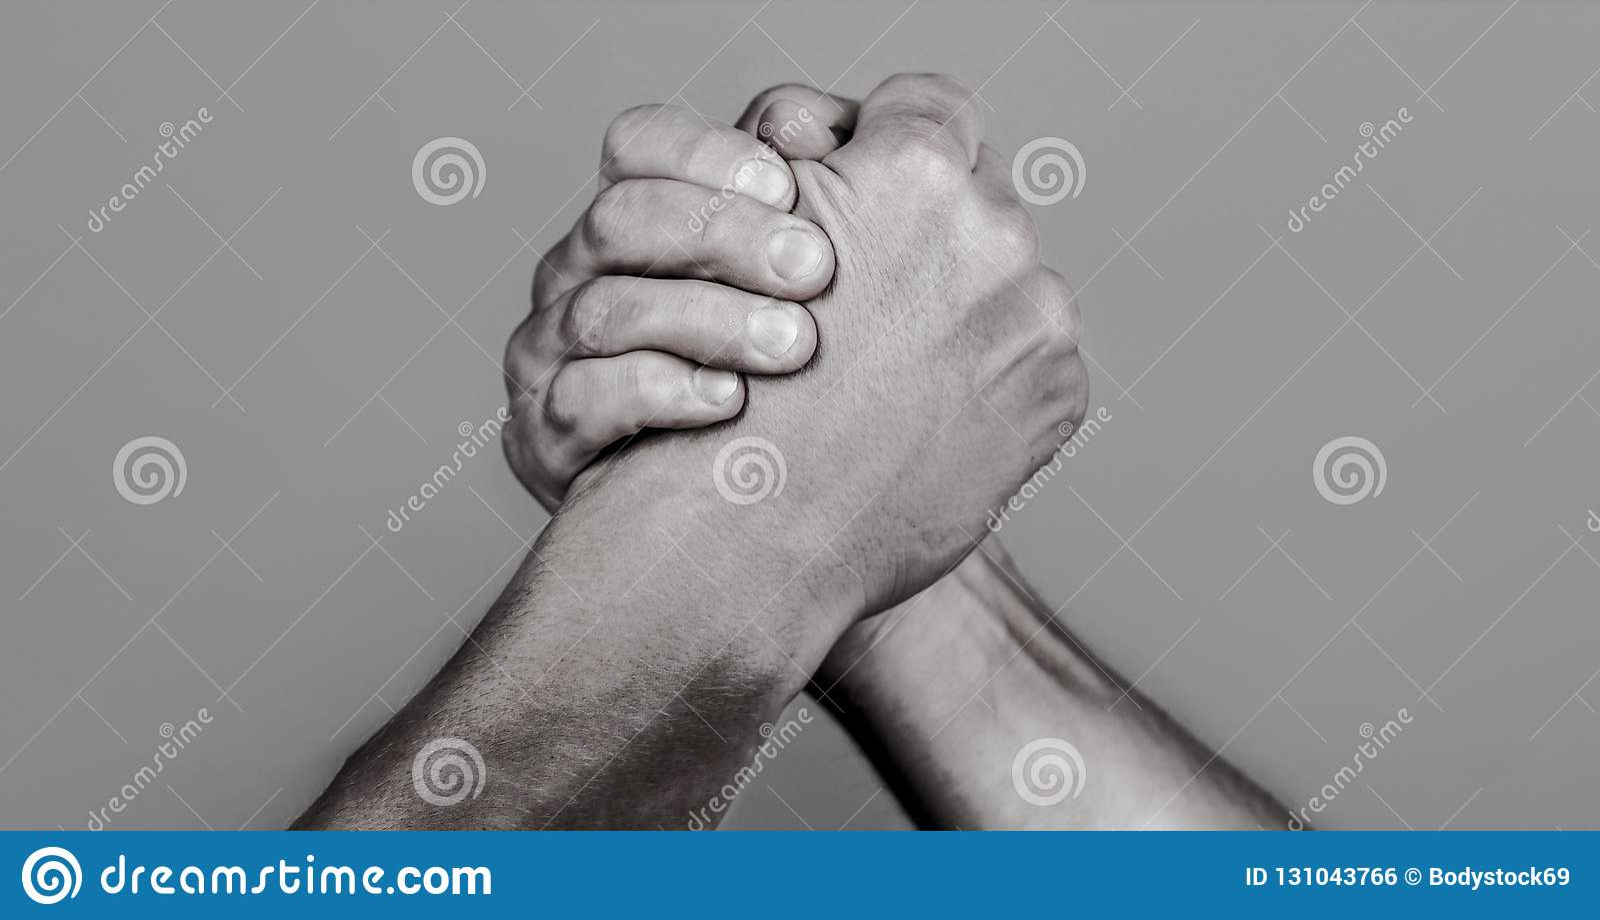 Aperto de mão amigável, amigos cumprimento, trabalhos de equipe, amizade Aperto de mão, braços, amizade Mão, rivalidade, contra,